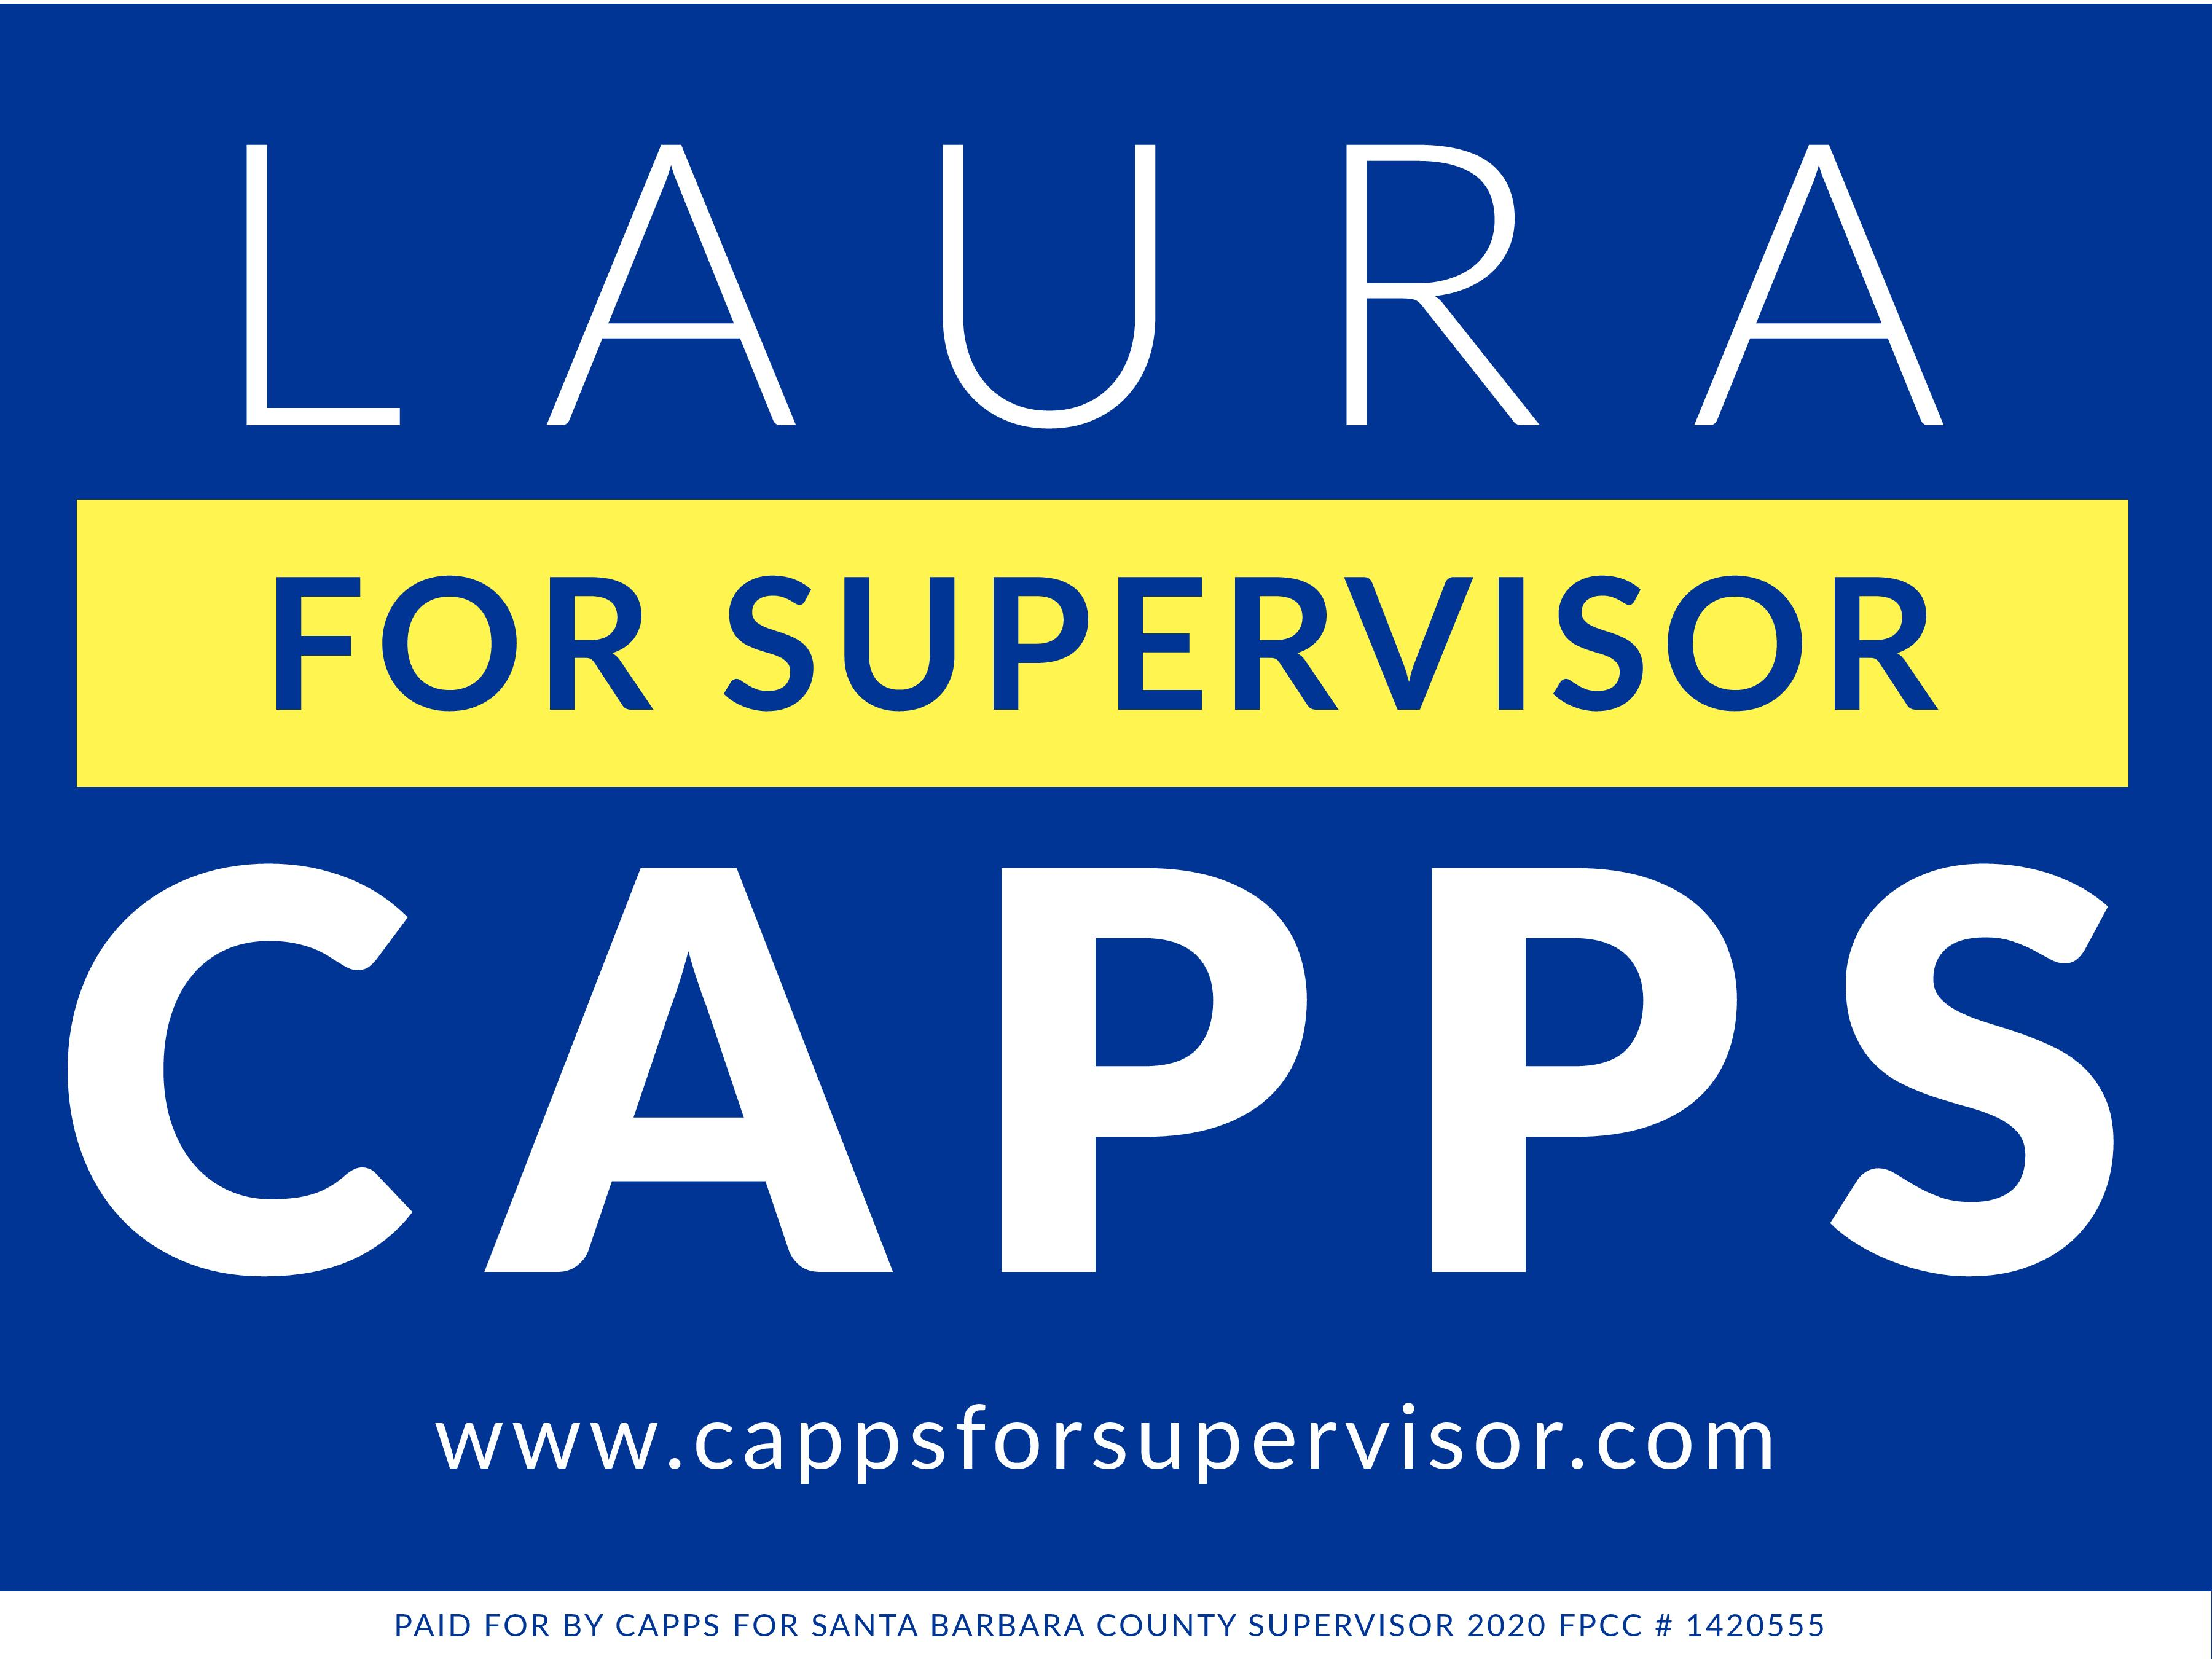 Laura Capps